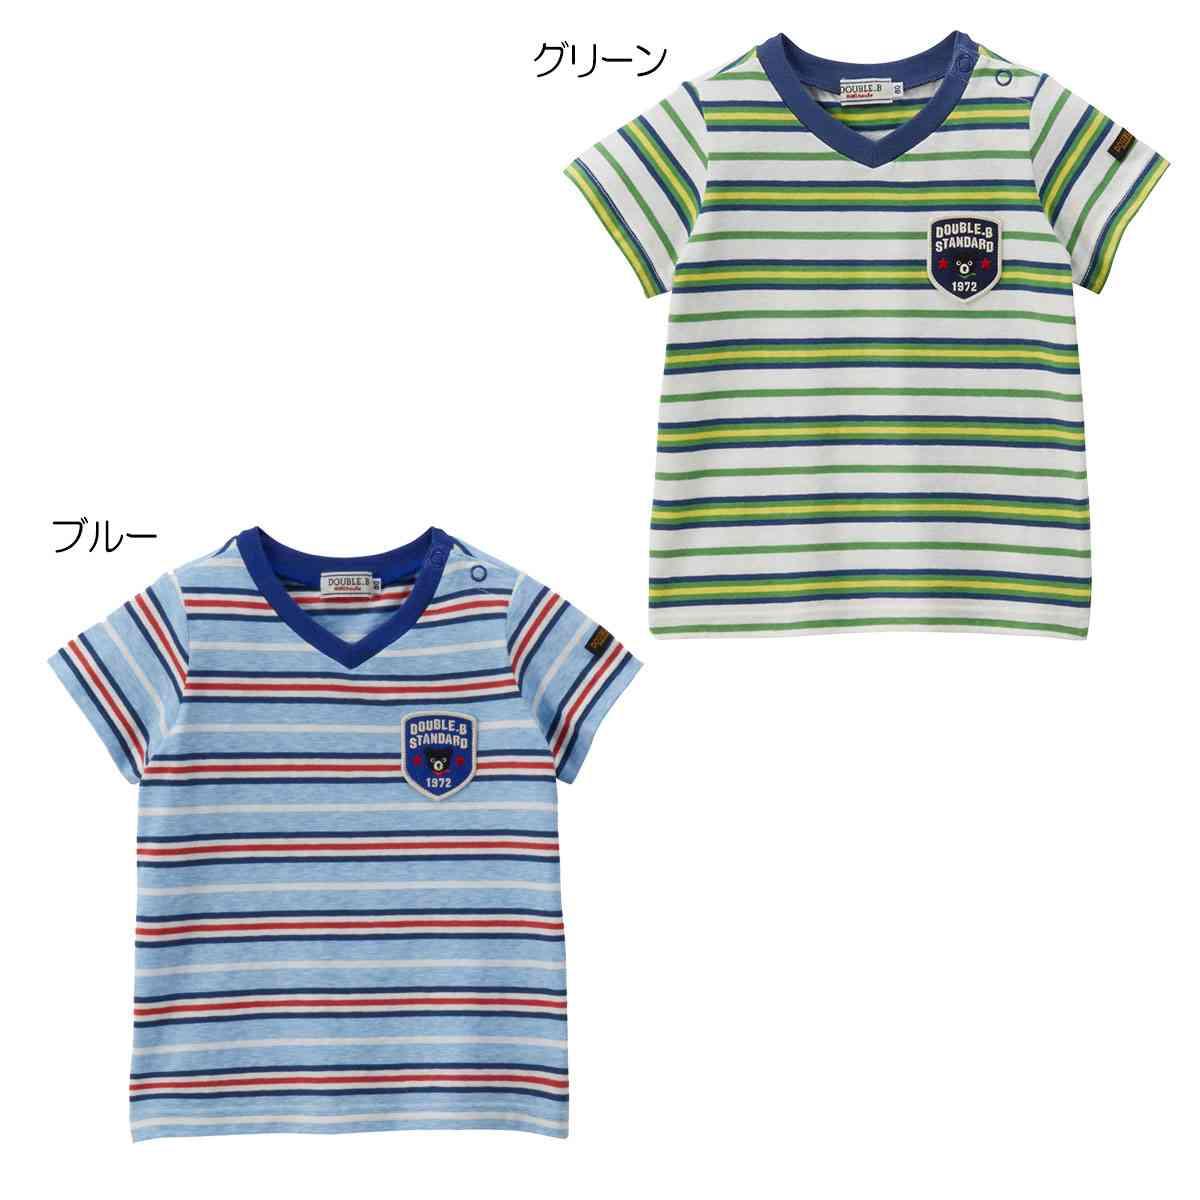 ☆ DOUBLE_B(ダブルB)Vネックボーダー半袖Tシャツ (120cm・130cm)(62-5204-263)【PSL】